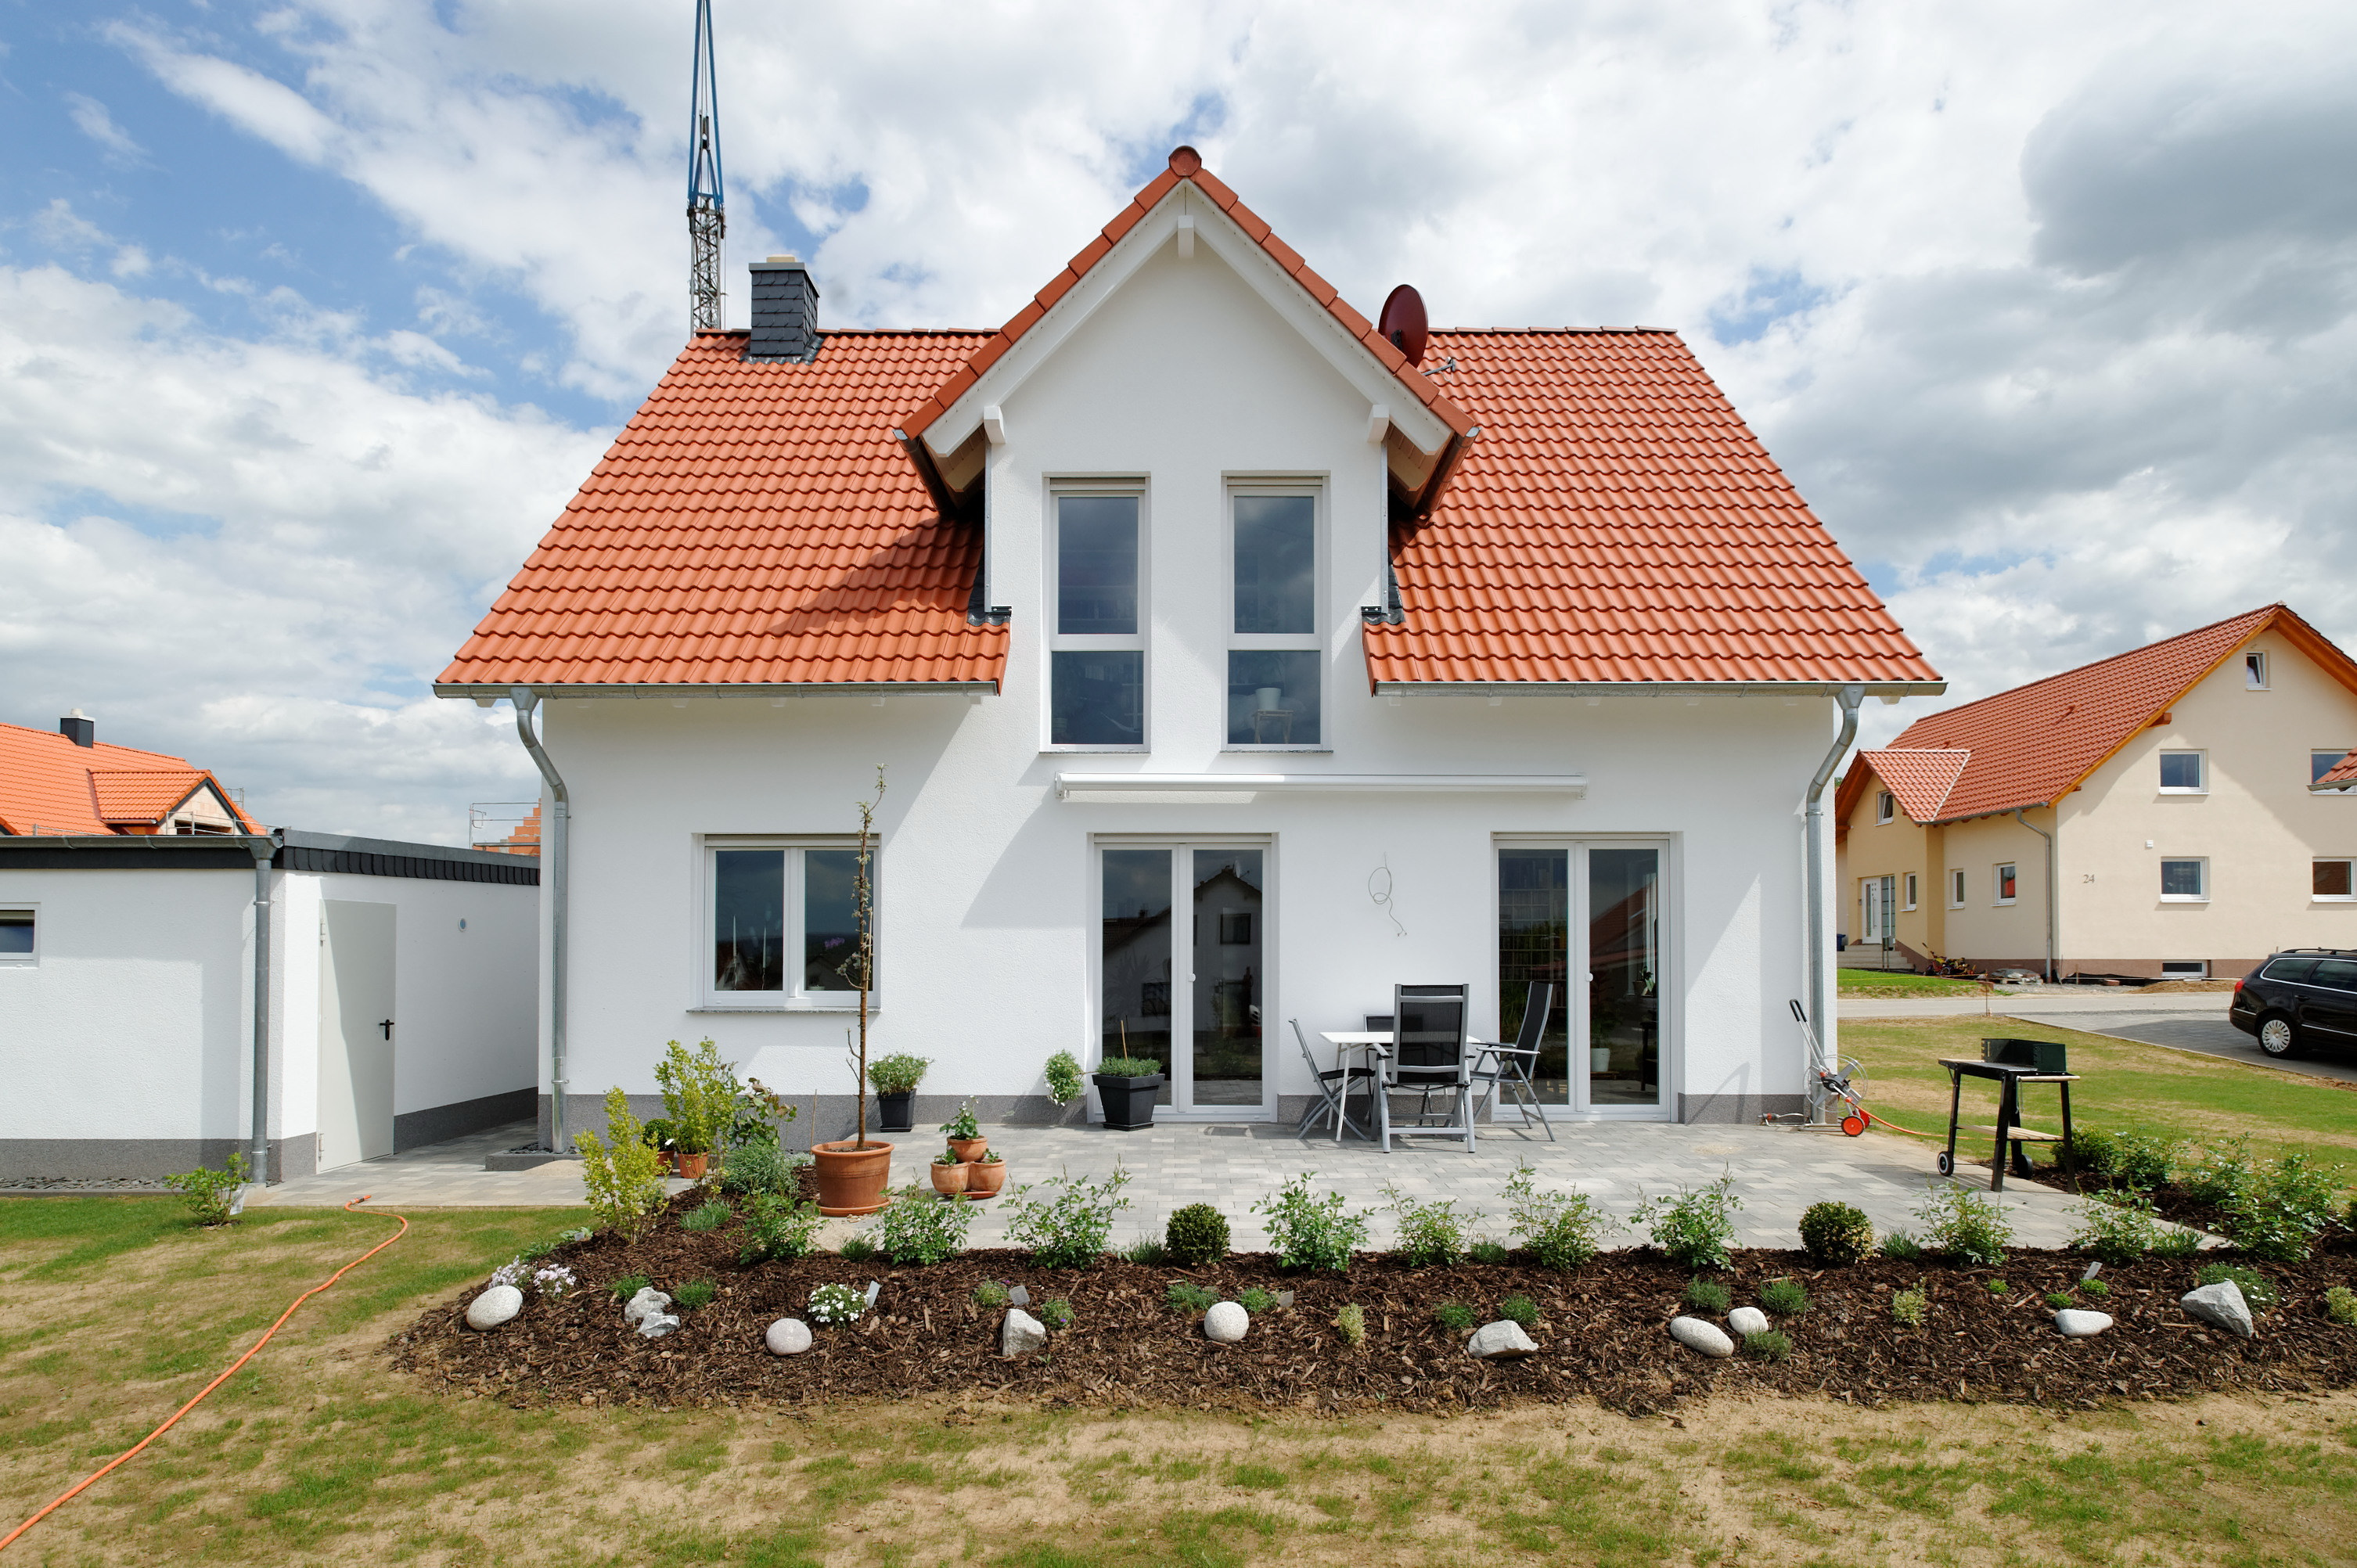 wohlf hlen im eigenem zuhause thomas hoffmann immobilienthomas hoffmann immobilien. Black Bedroom Furniture Sets. Home Design Ideas